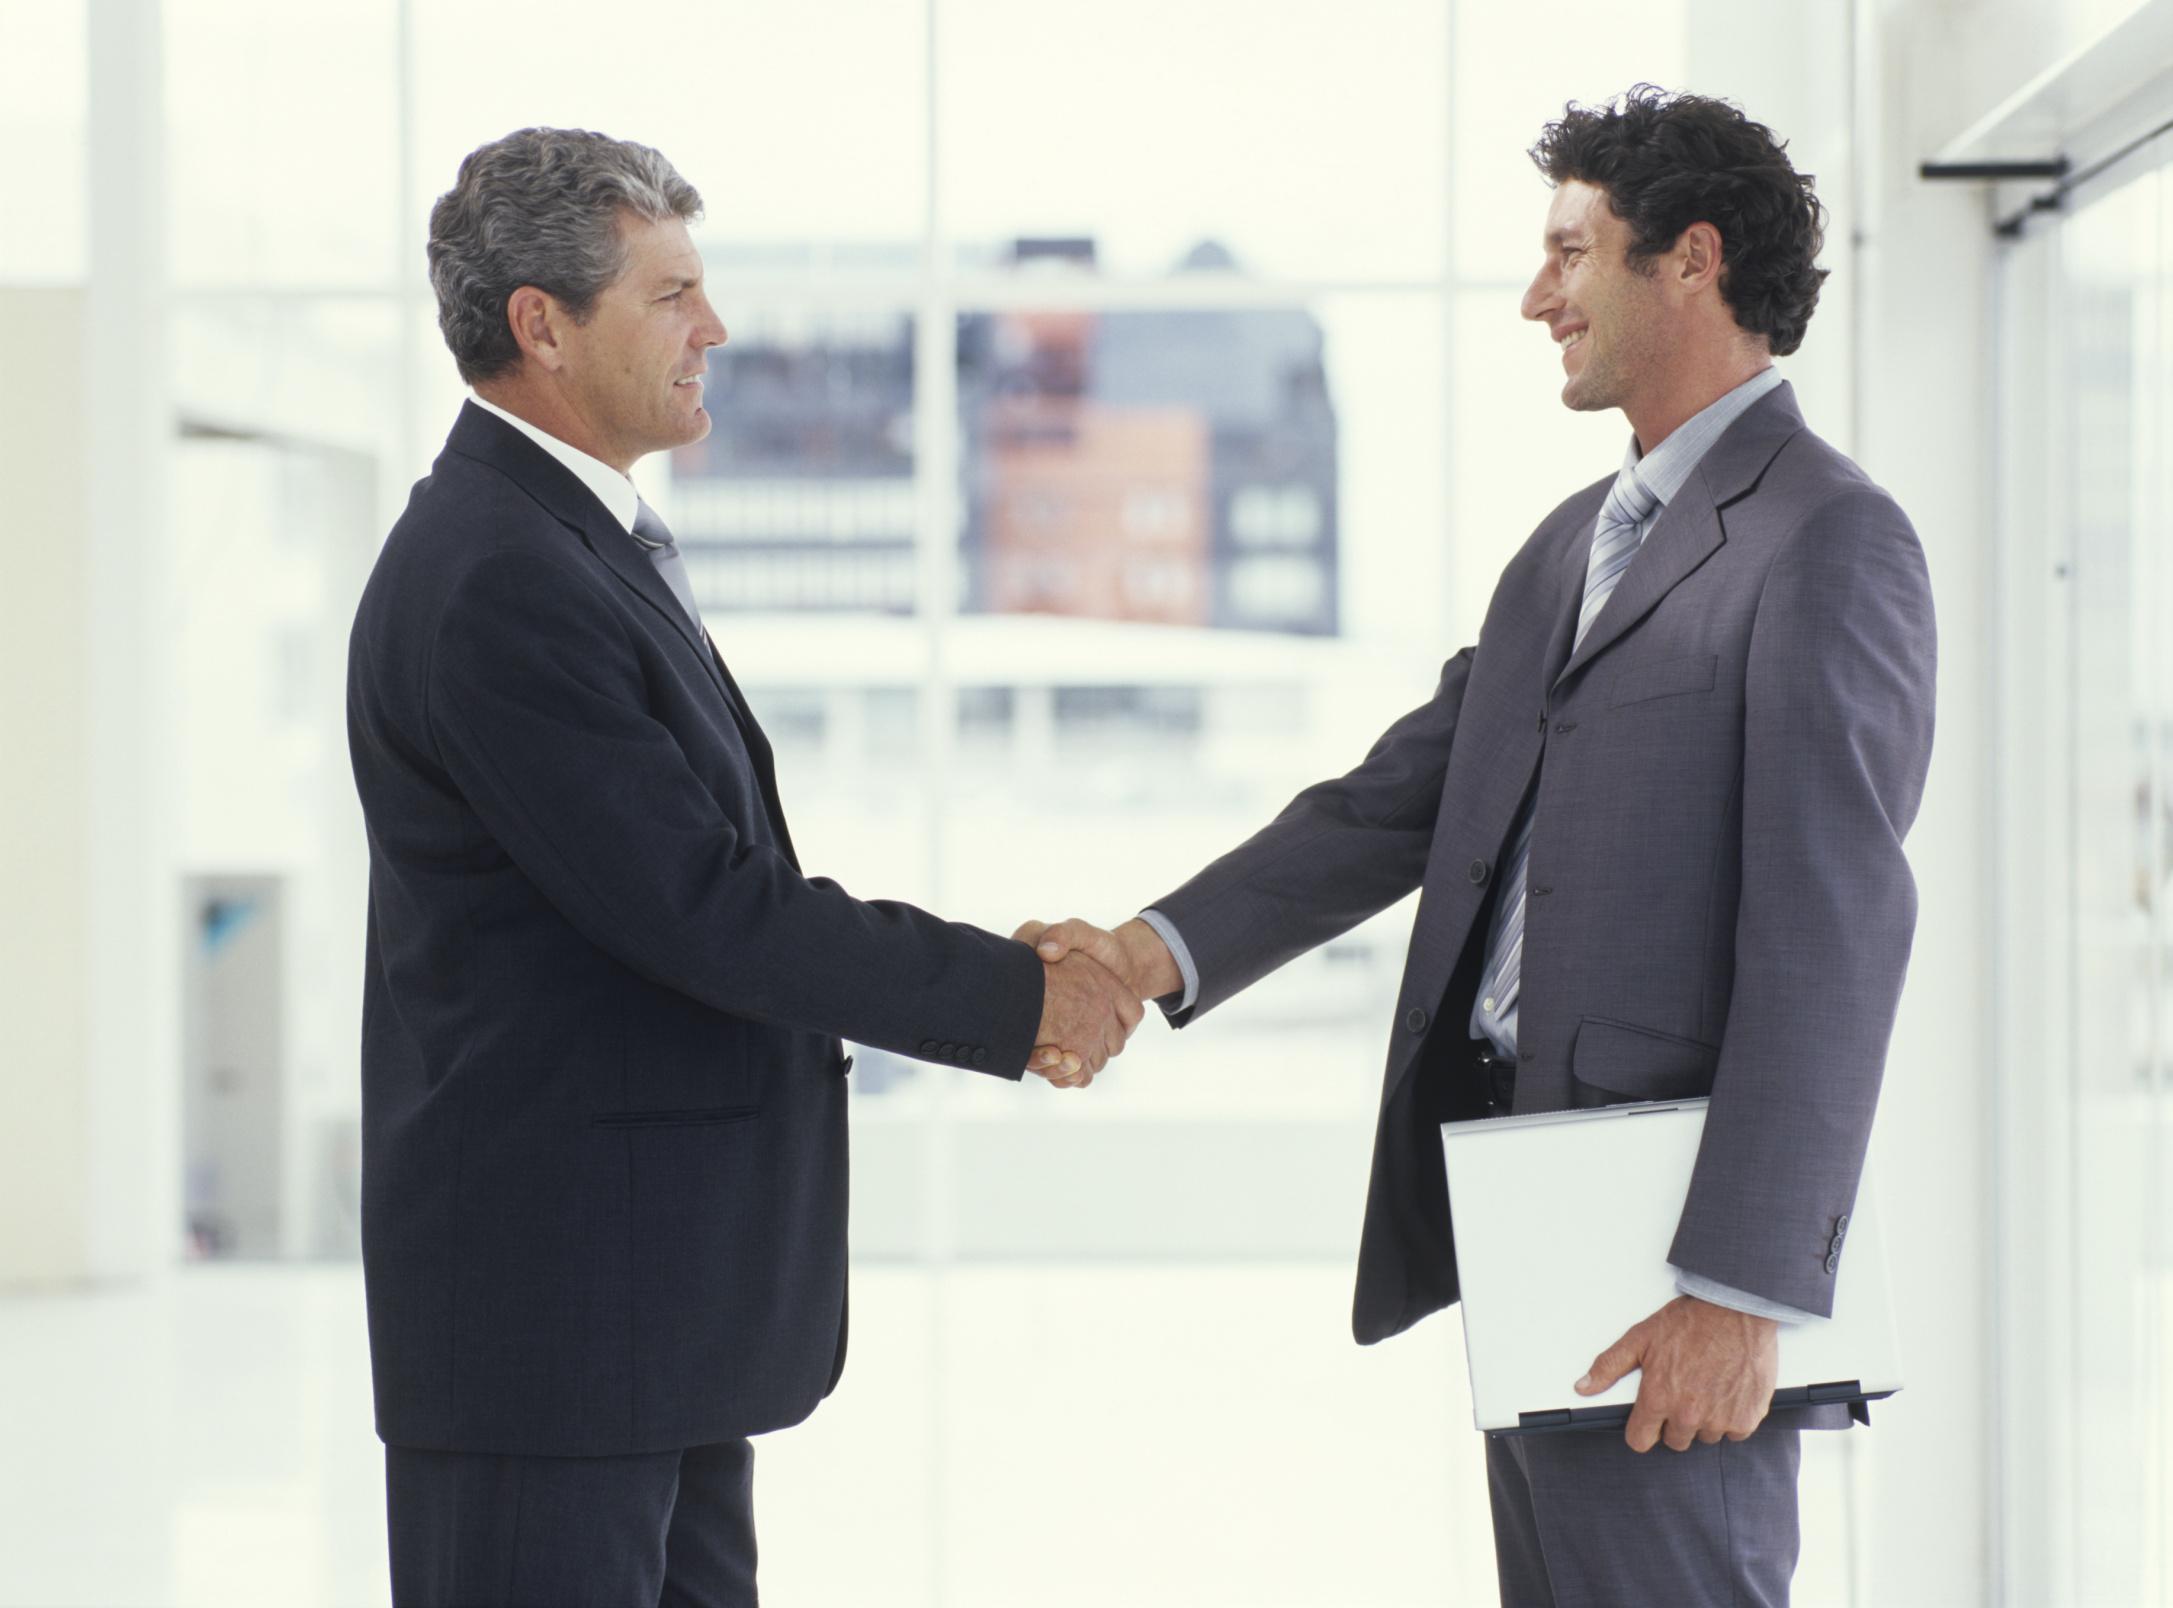 Le contrat de réservationou contrat préliminaire